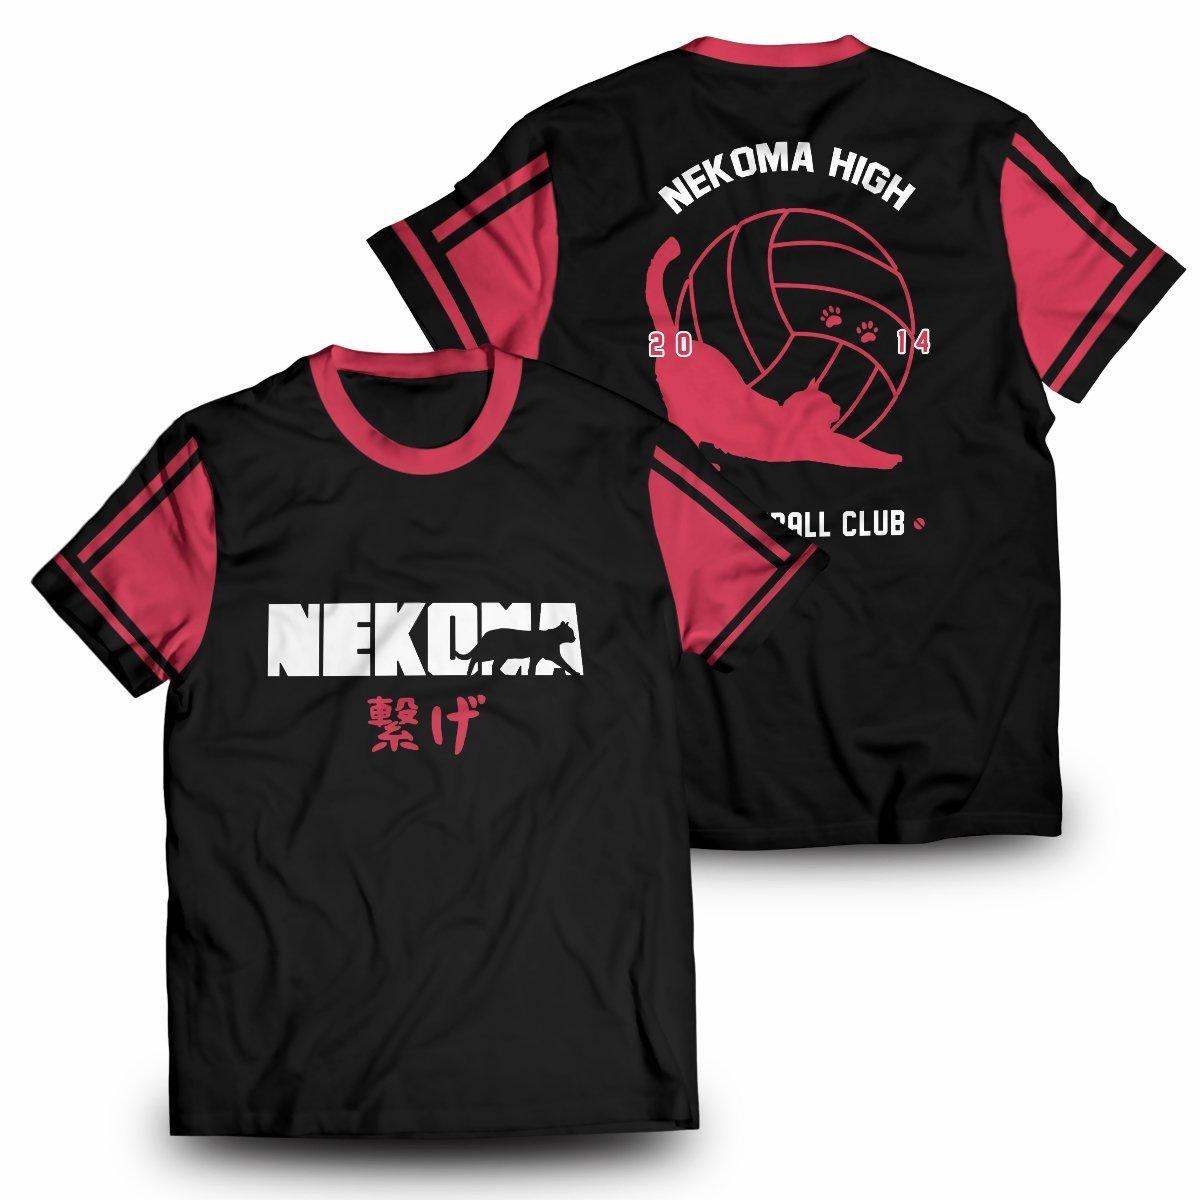 Nekoma Jersey Unisex T-Shirt FDM2909 S Official Otaku Treat Merch